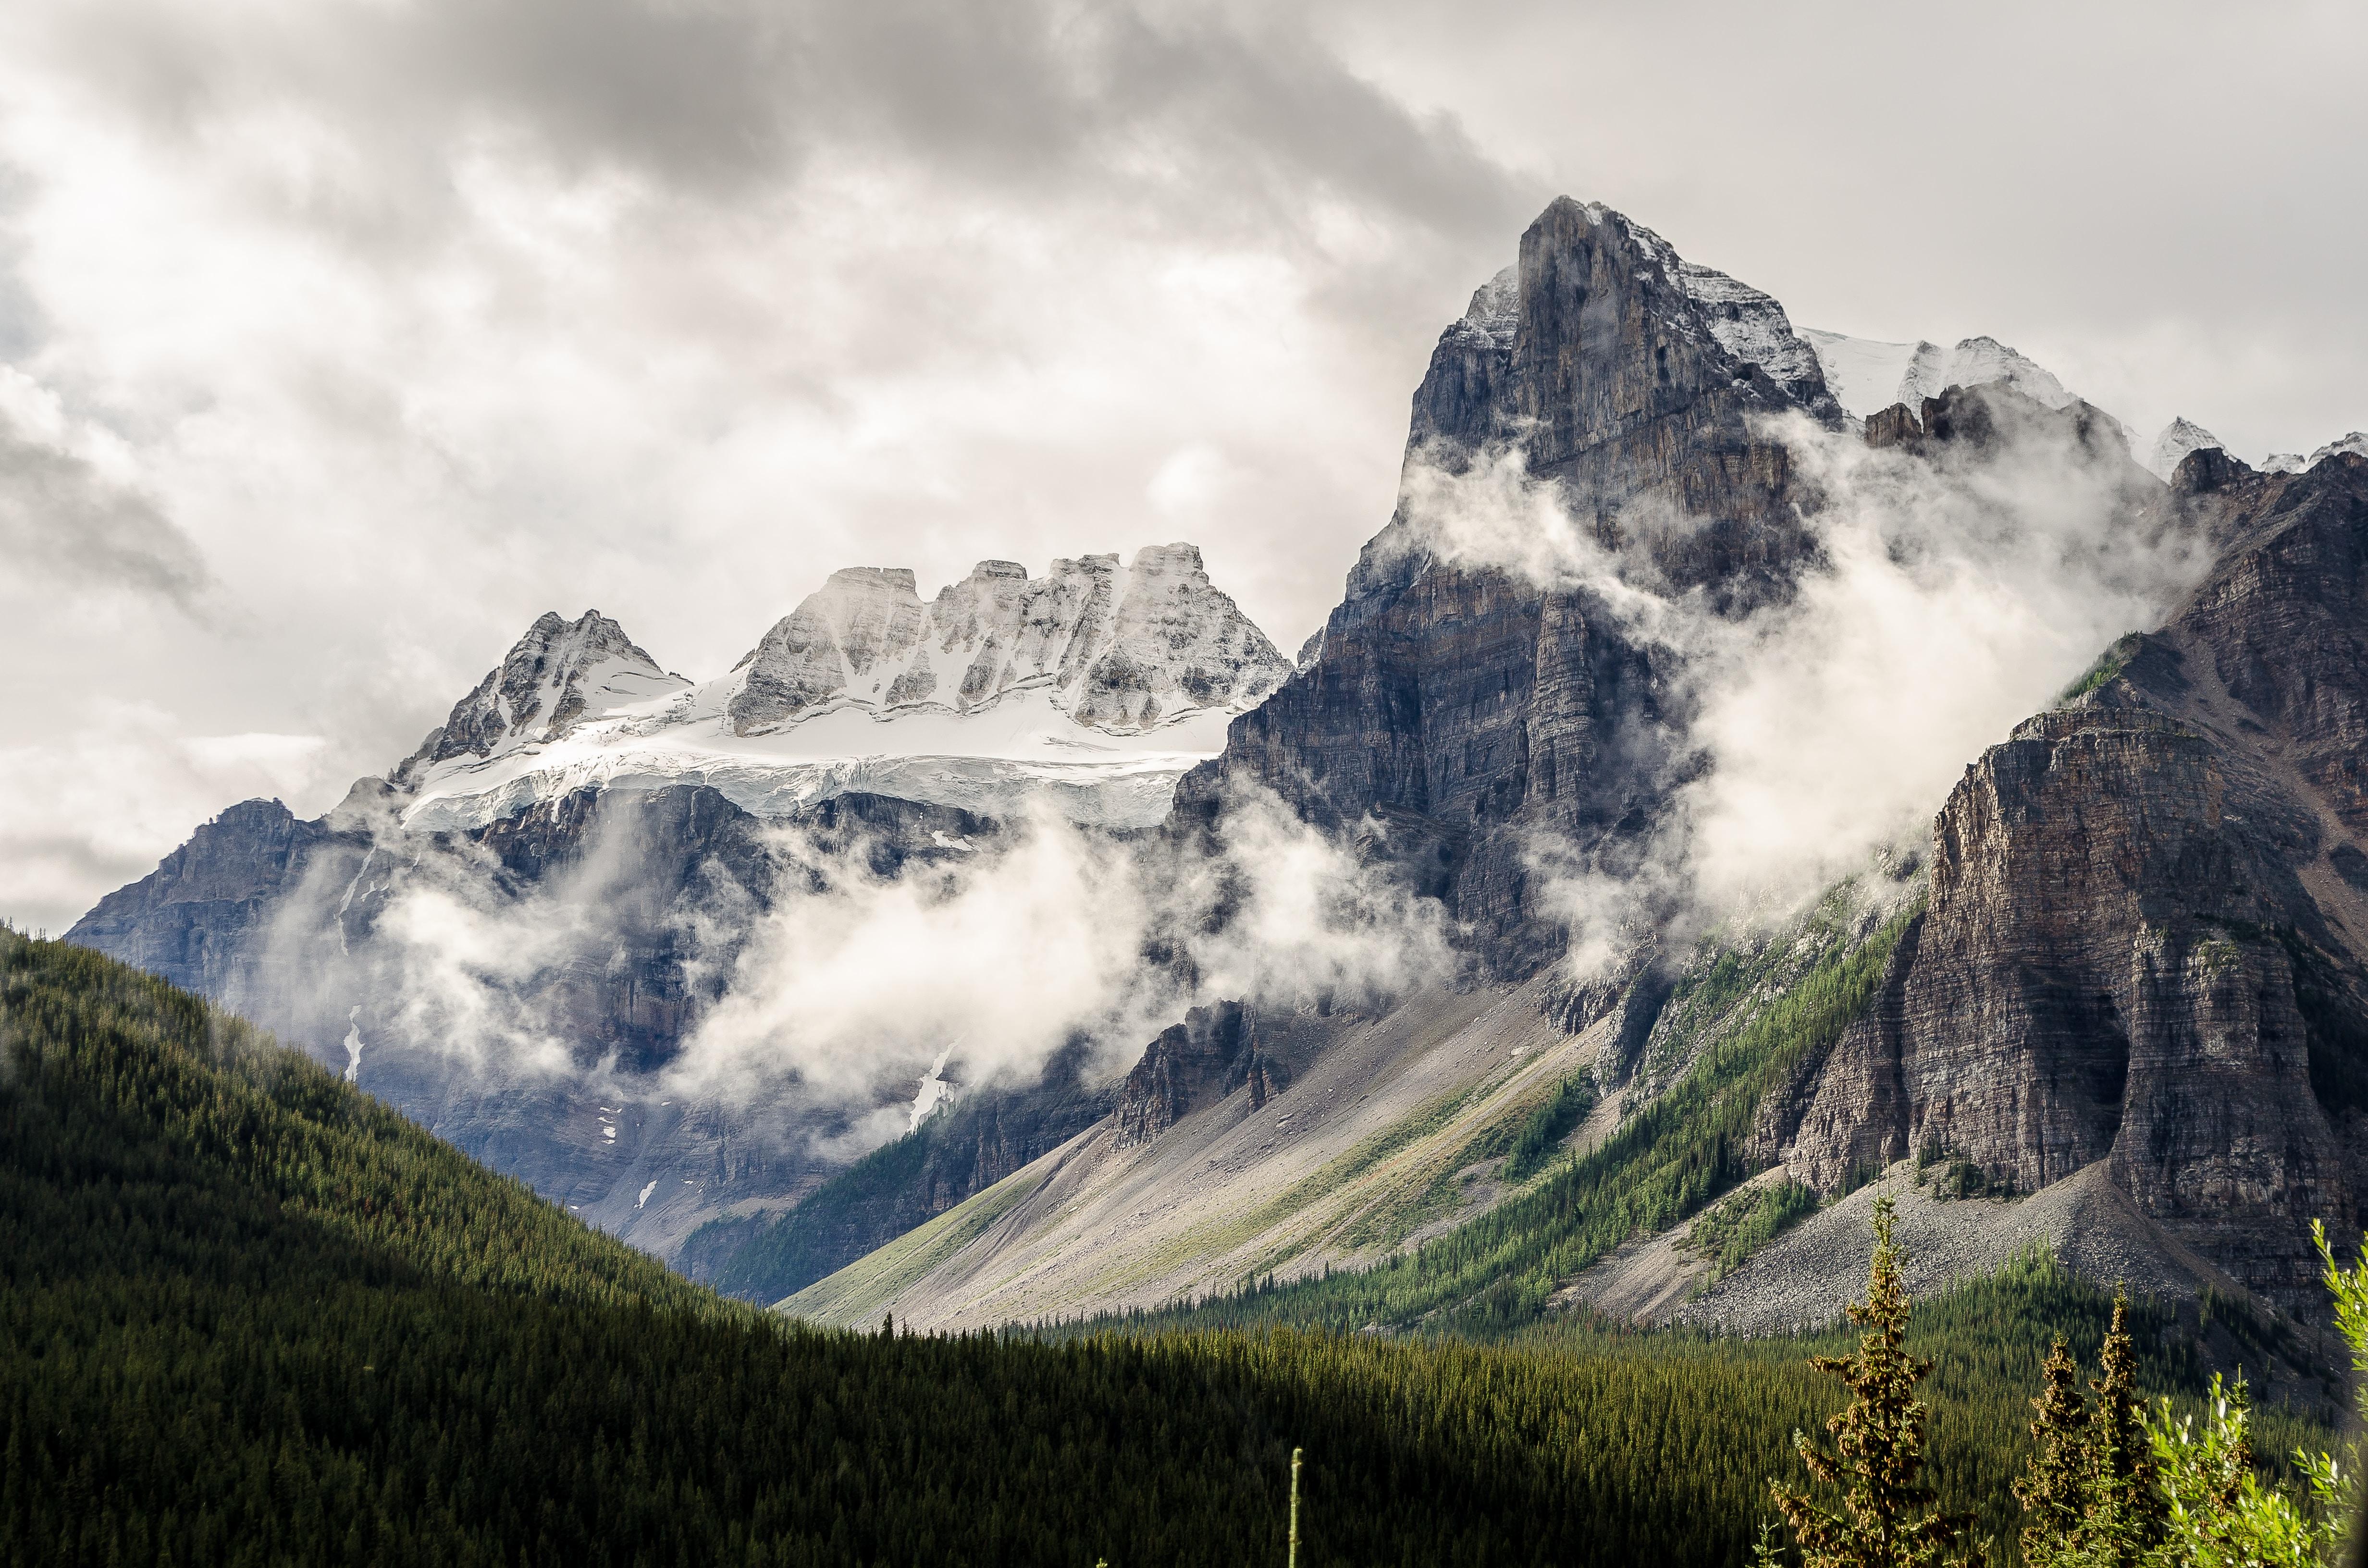 grey and white mountain